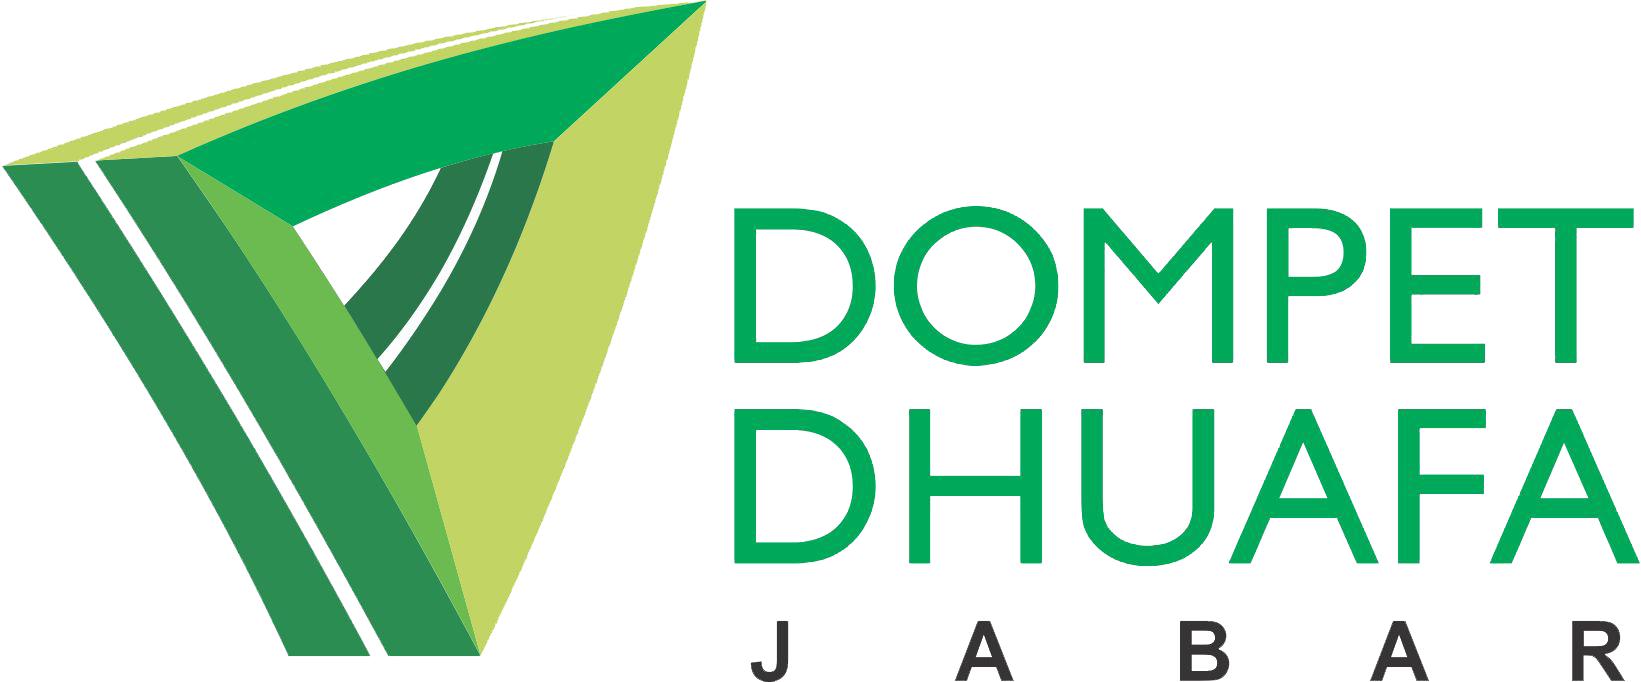 logo-DD-Jabar-copy